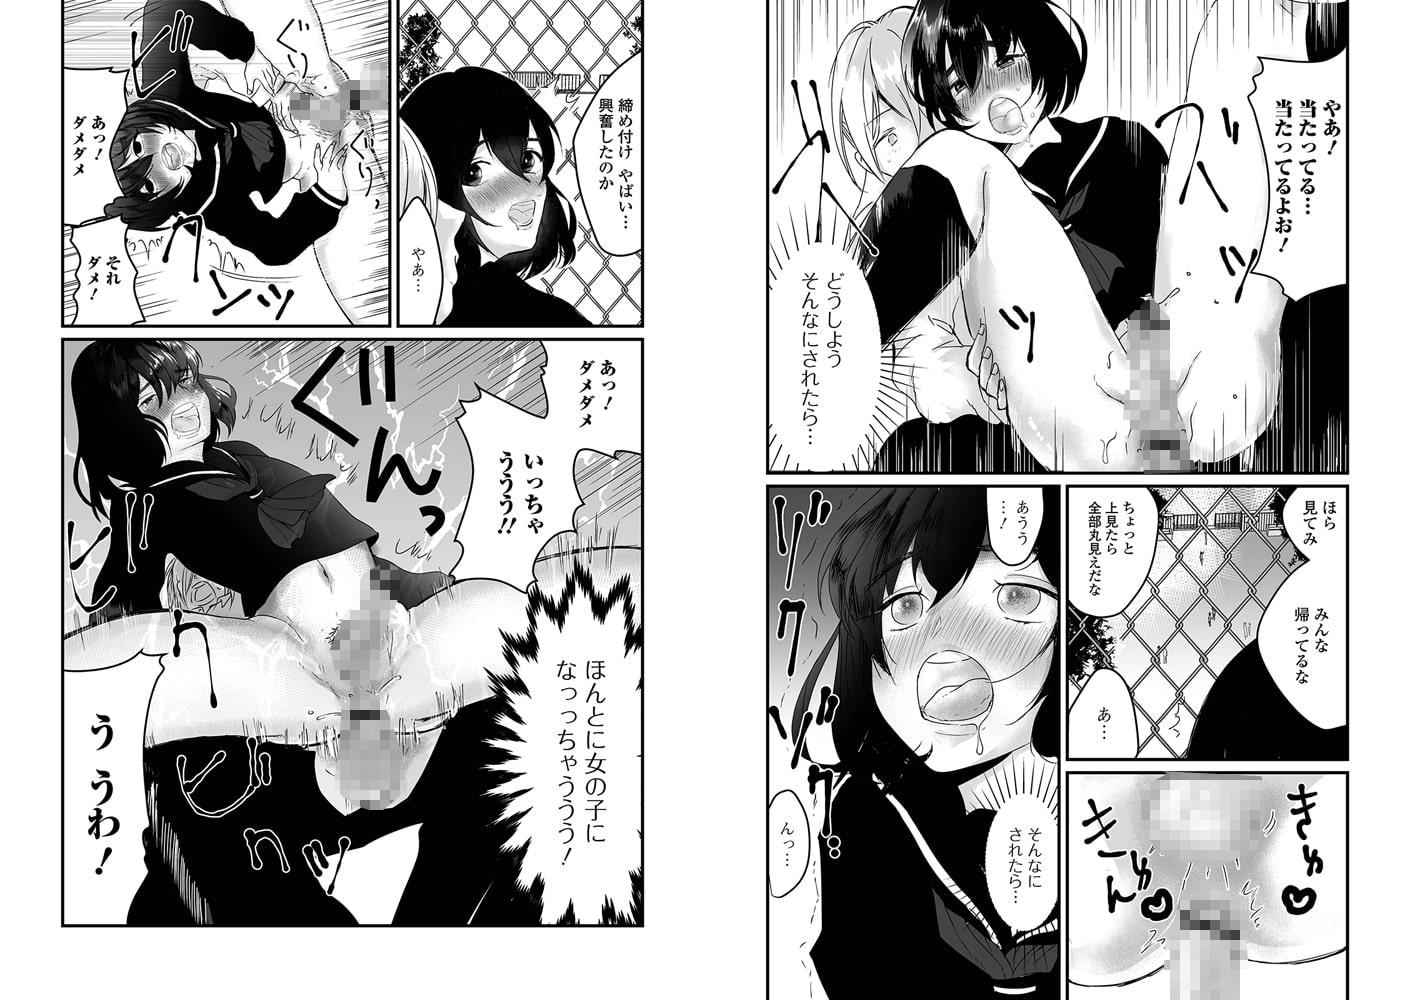 「月刊Web男の娘・れくしょんッ! S」 Vol.31~Vol.40 10巻パック